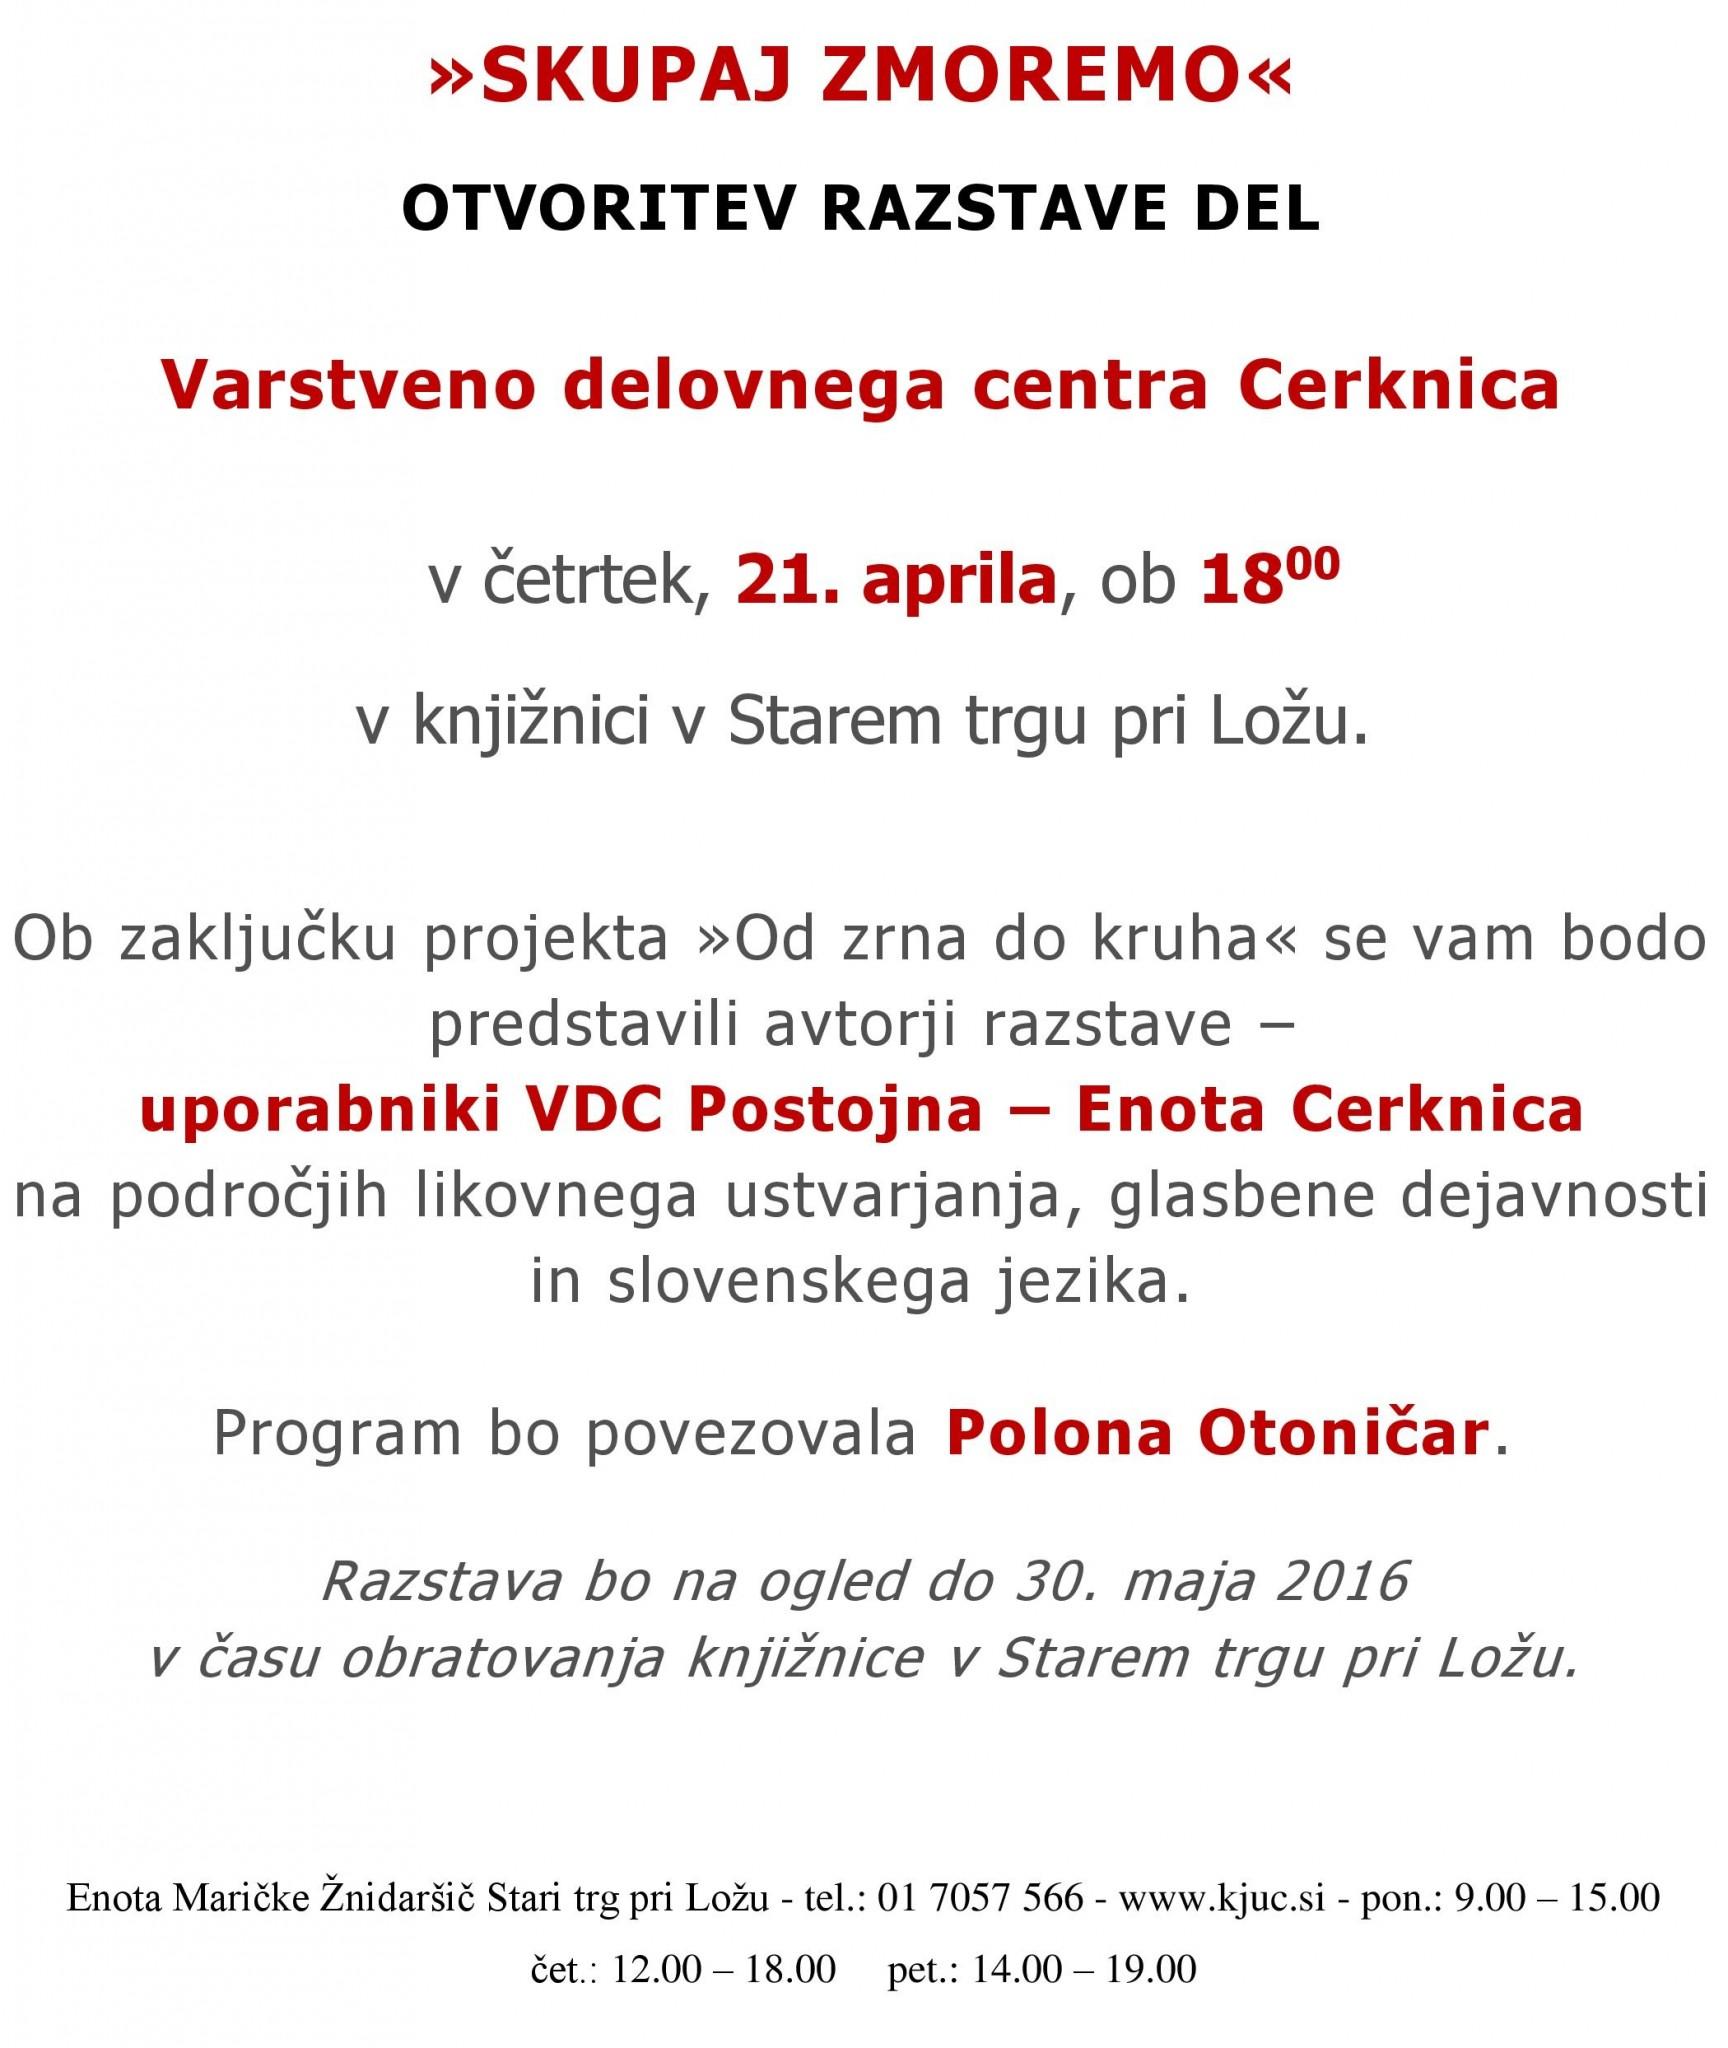 cover 2 - Skupaj zmoremo - otvoritev razstave del VDC Cerknica